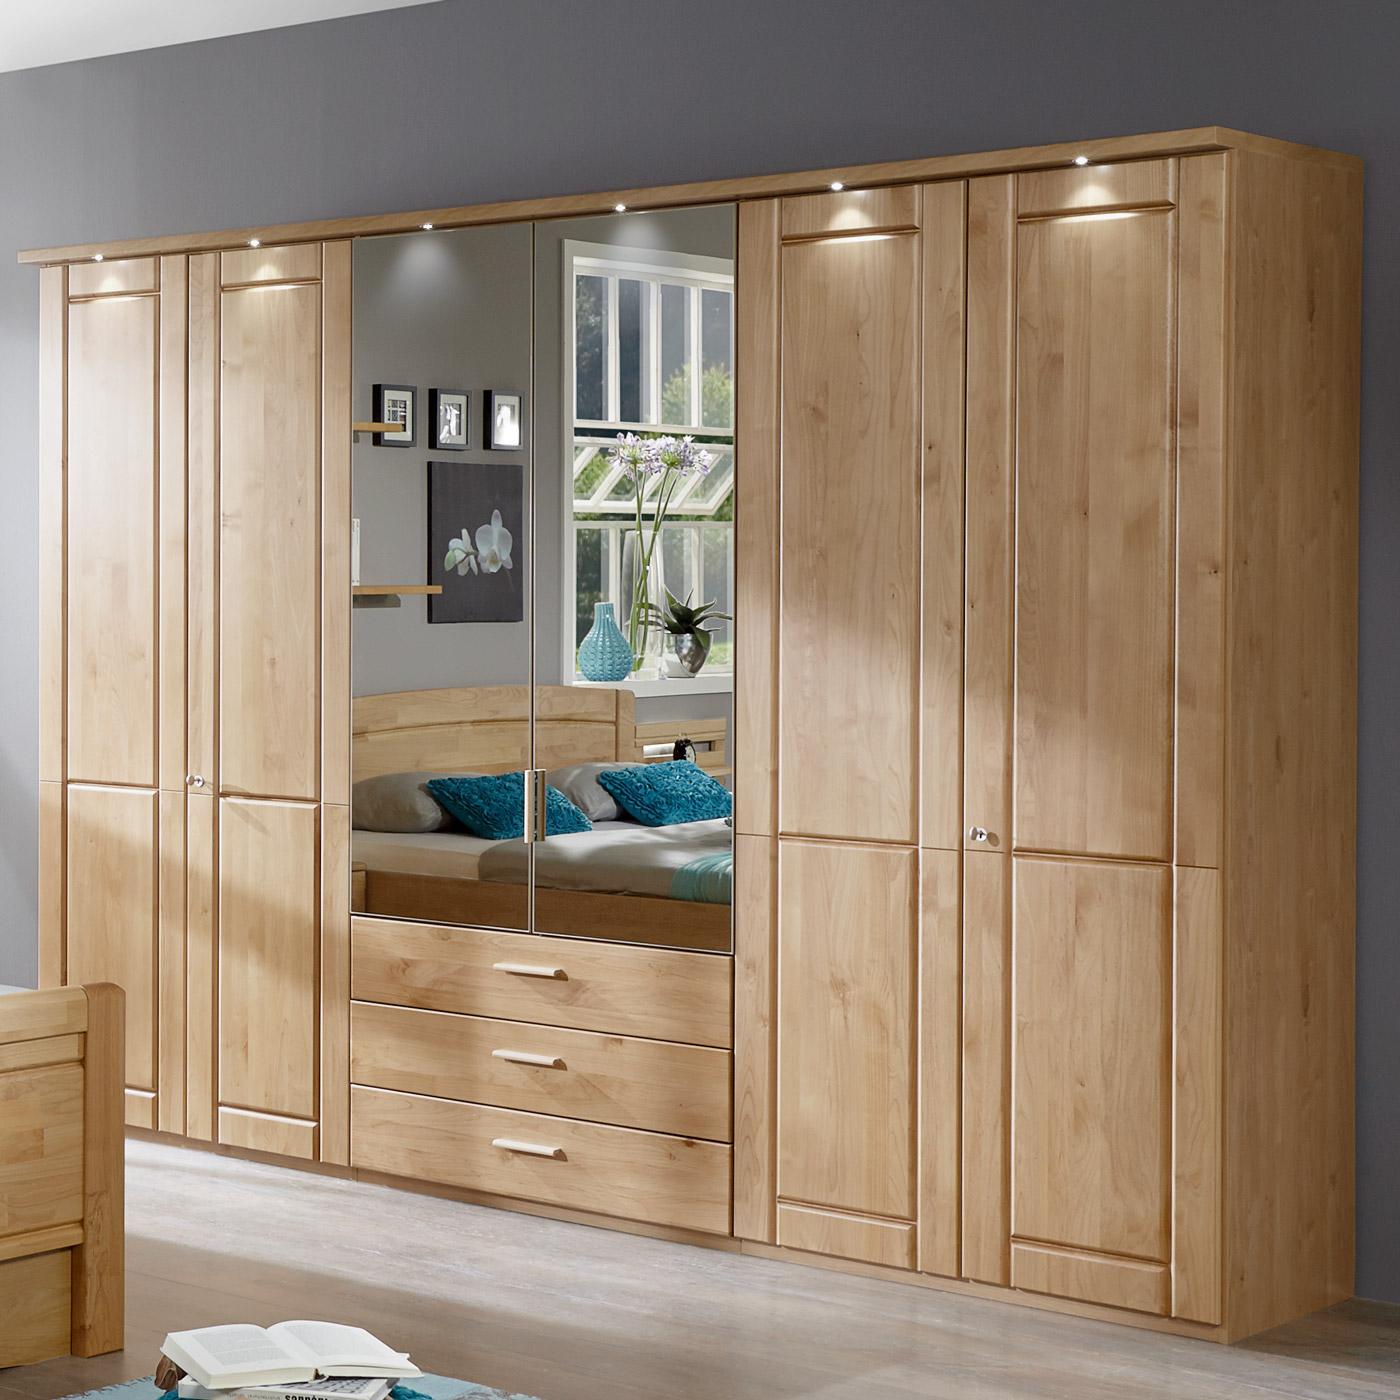 Kleiderschrank aus Holz mit Spiegel und Schubalden - Trikomo